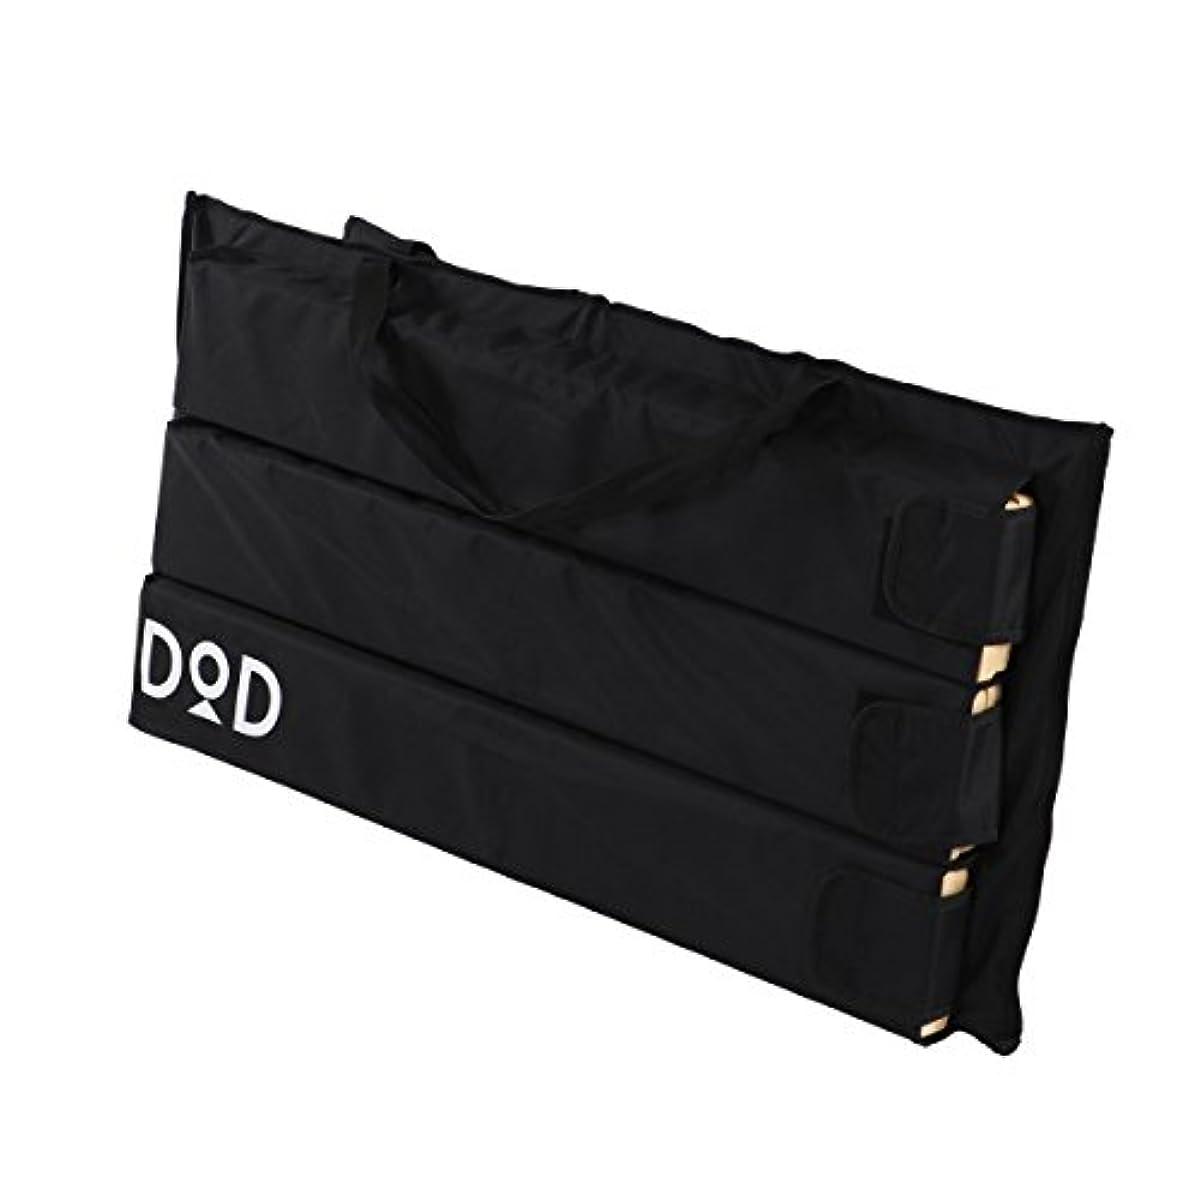 [해외] DODD O D 데키엘라 화이트 데키엘라 테이블2세트분을 수납 할 수 있는 전용 화이트 B4-556